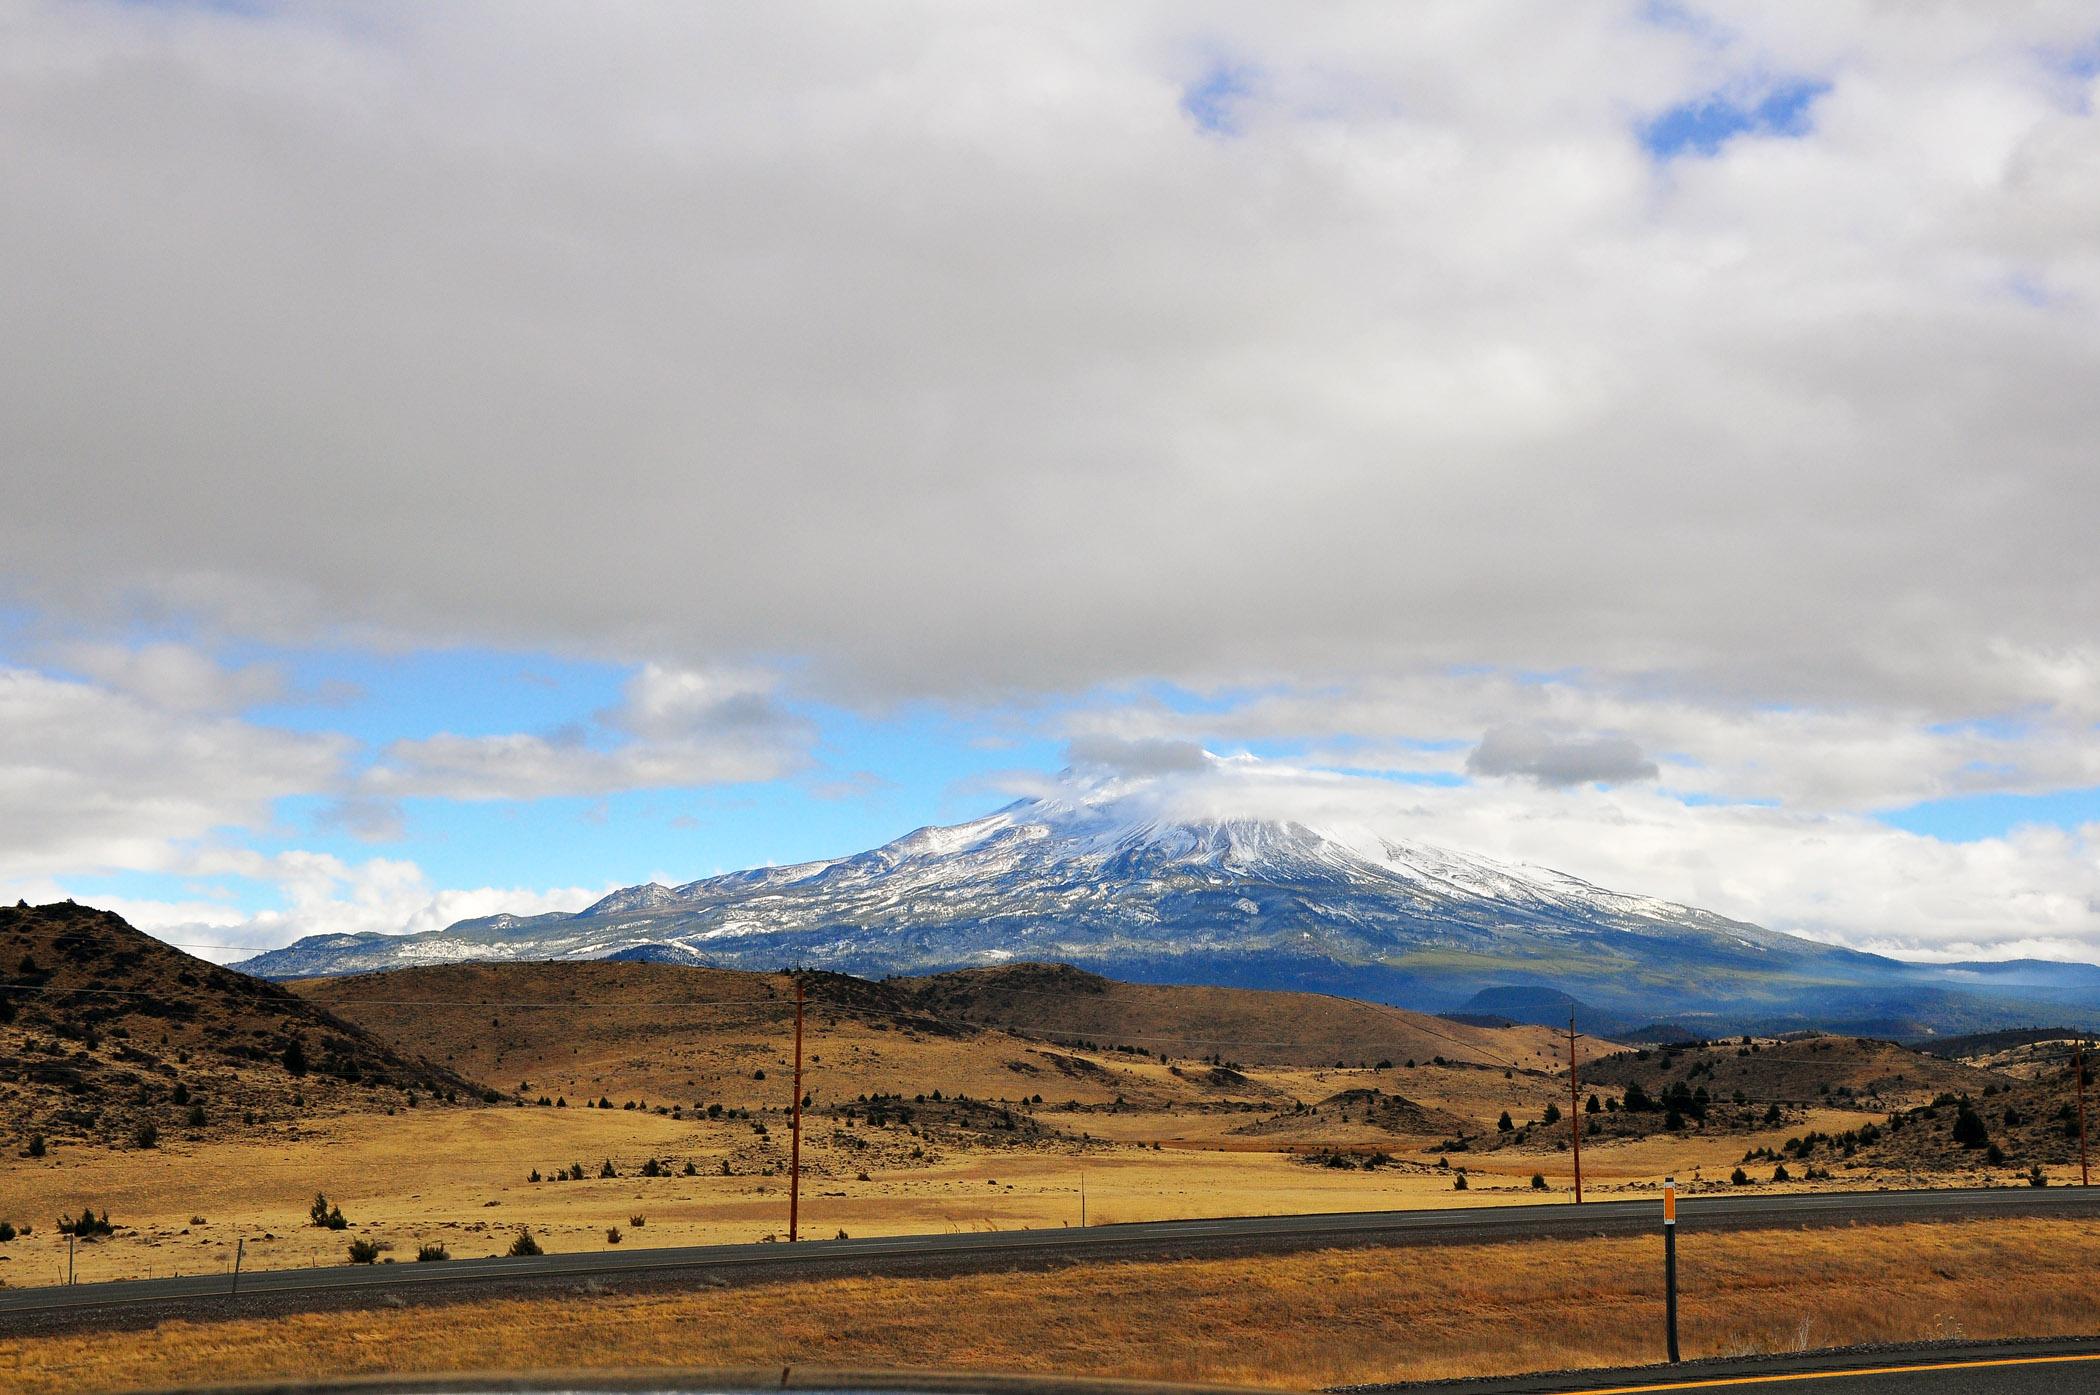 2.-Mount-Shasta